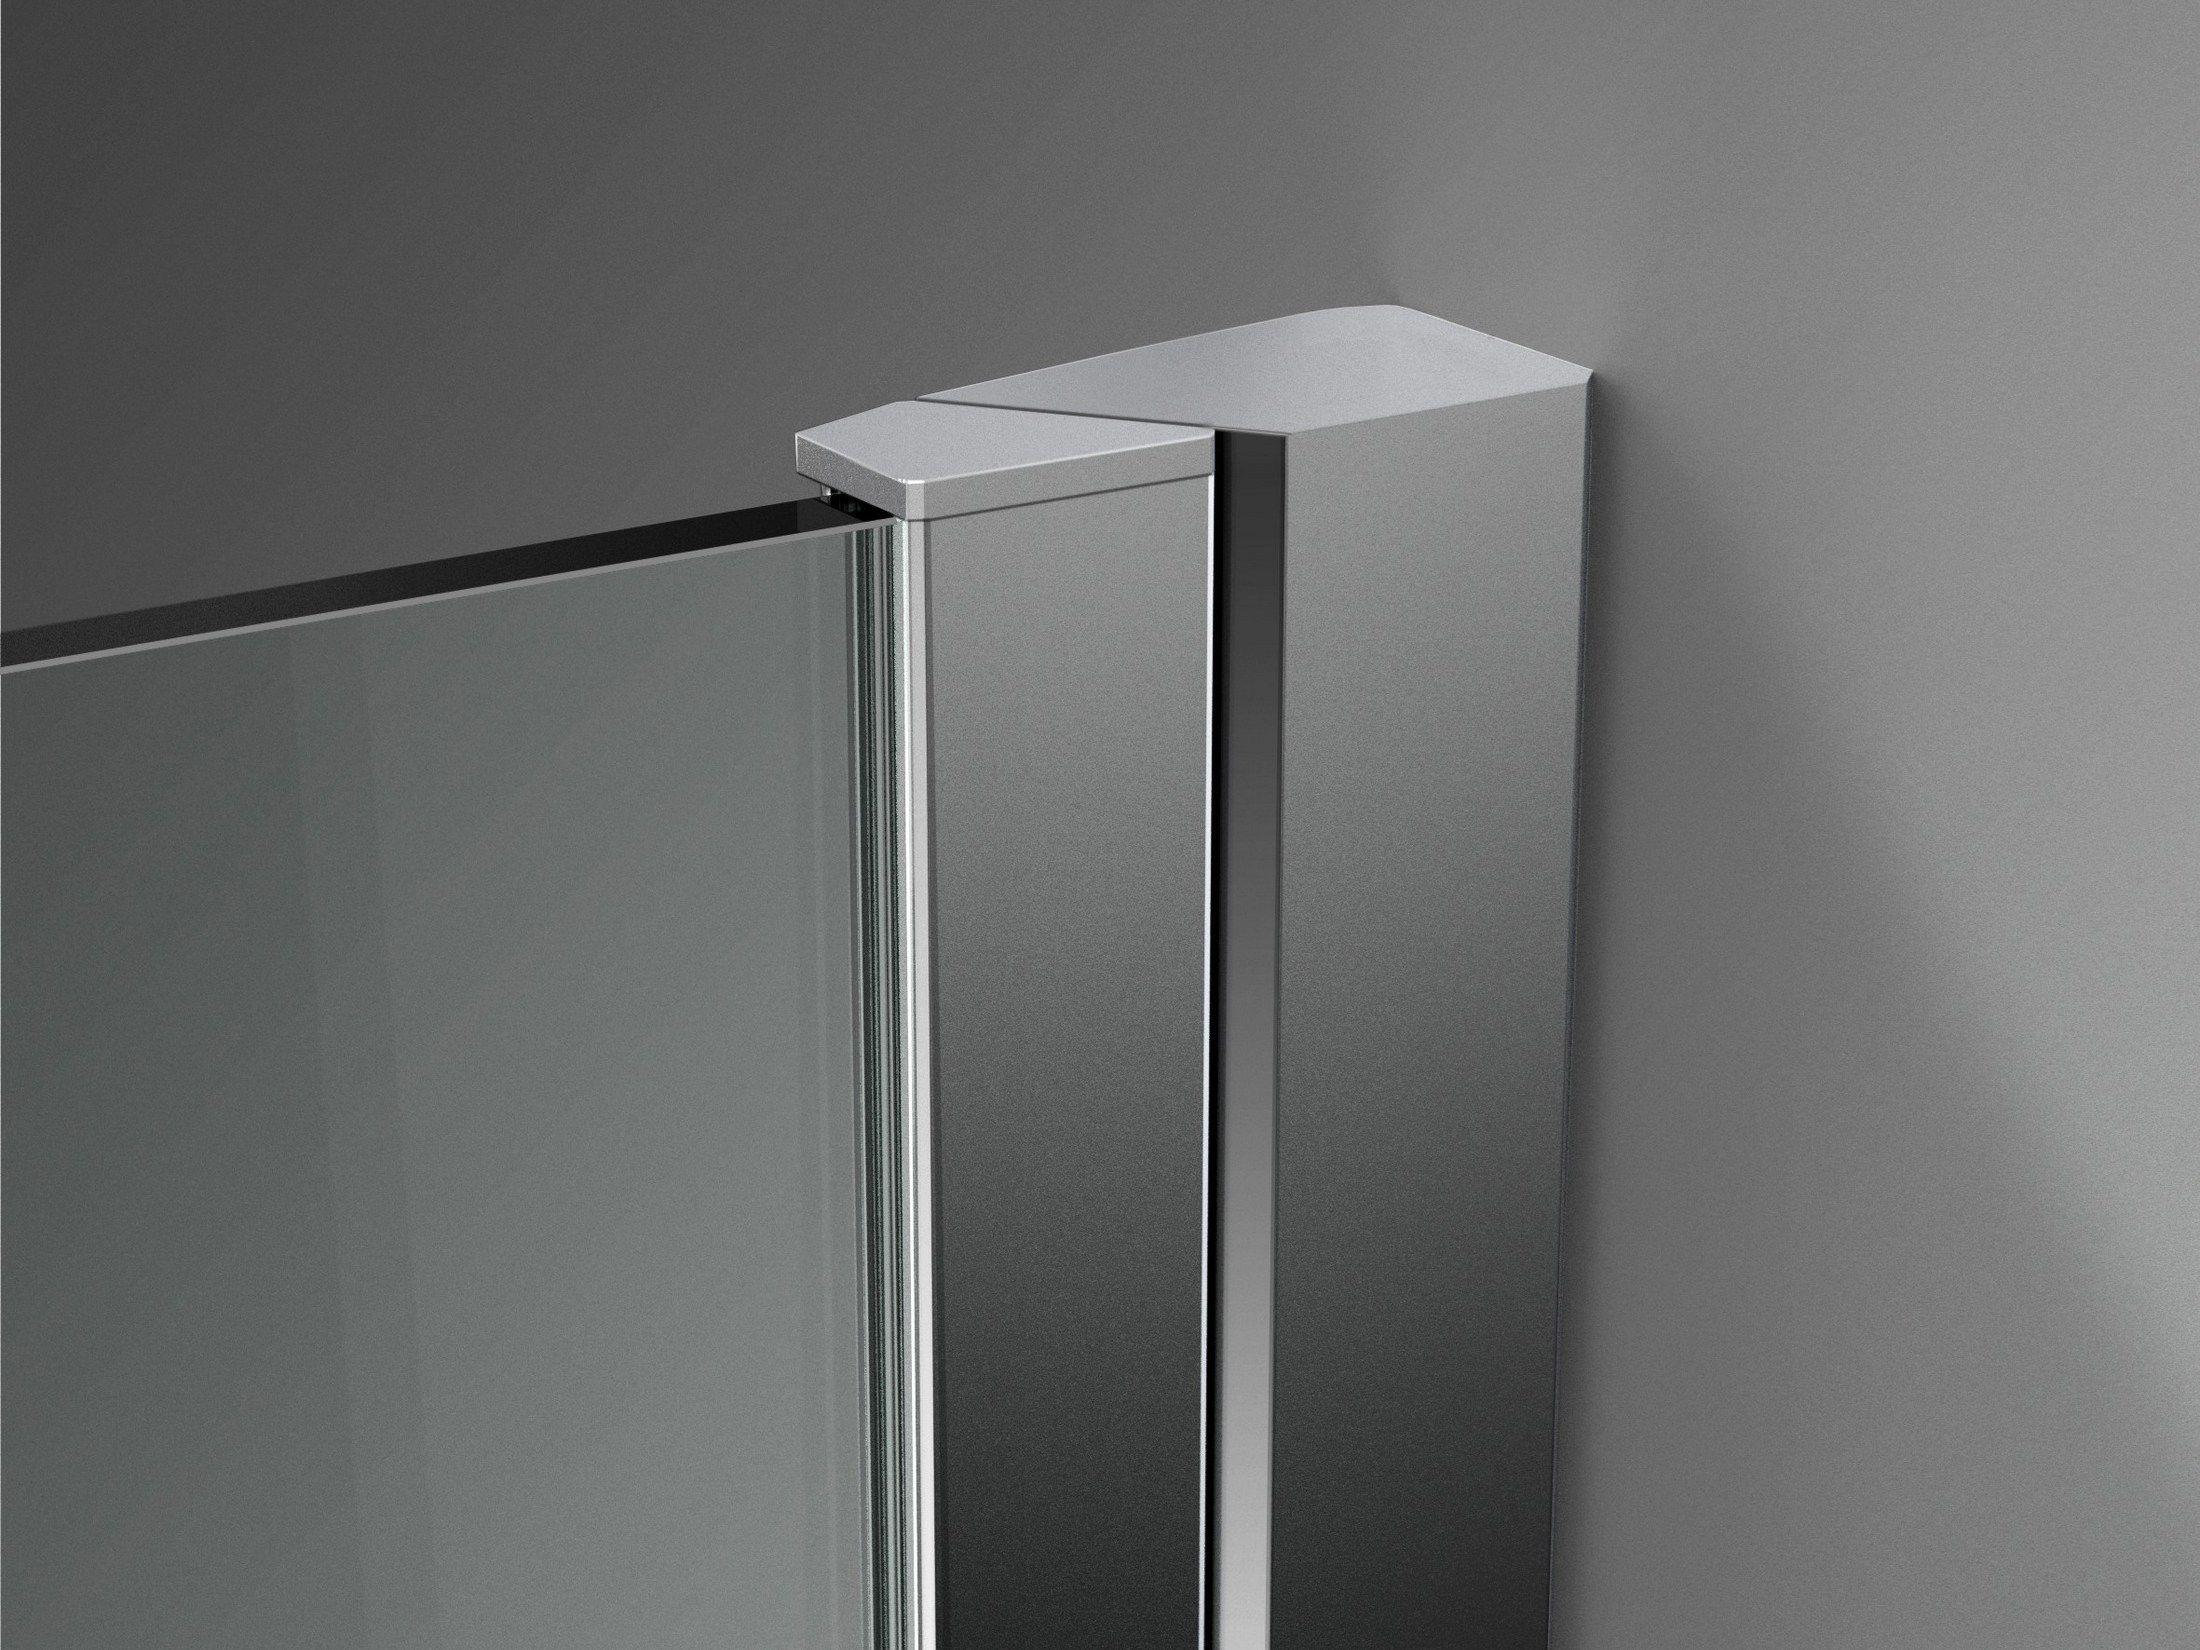 Cabine de douche d 39 angle sur mesure en verre tremp for Douche en verre trempe